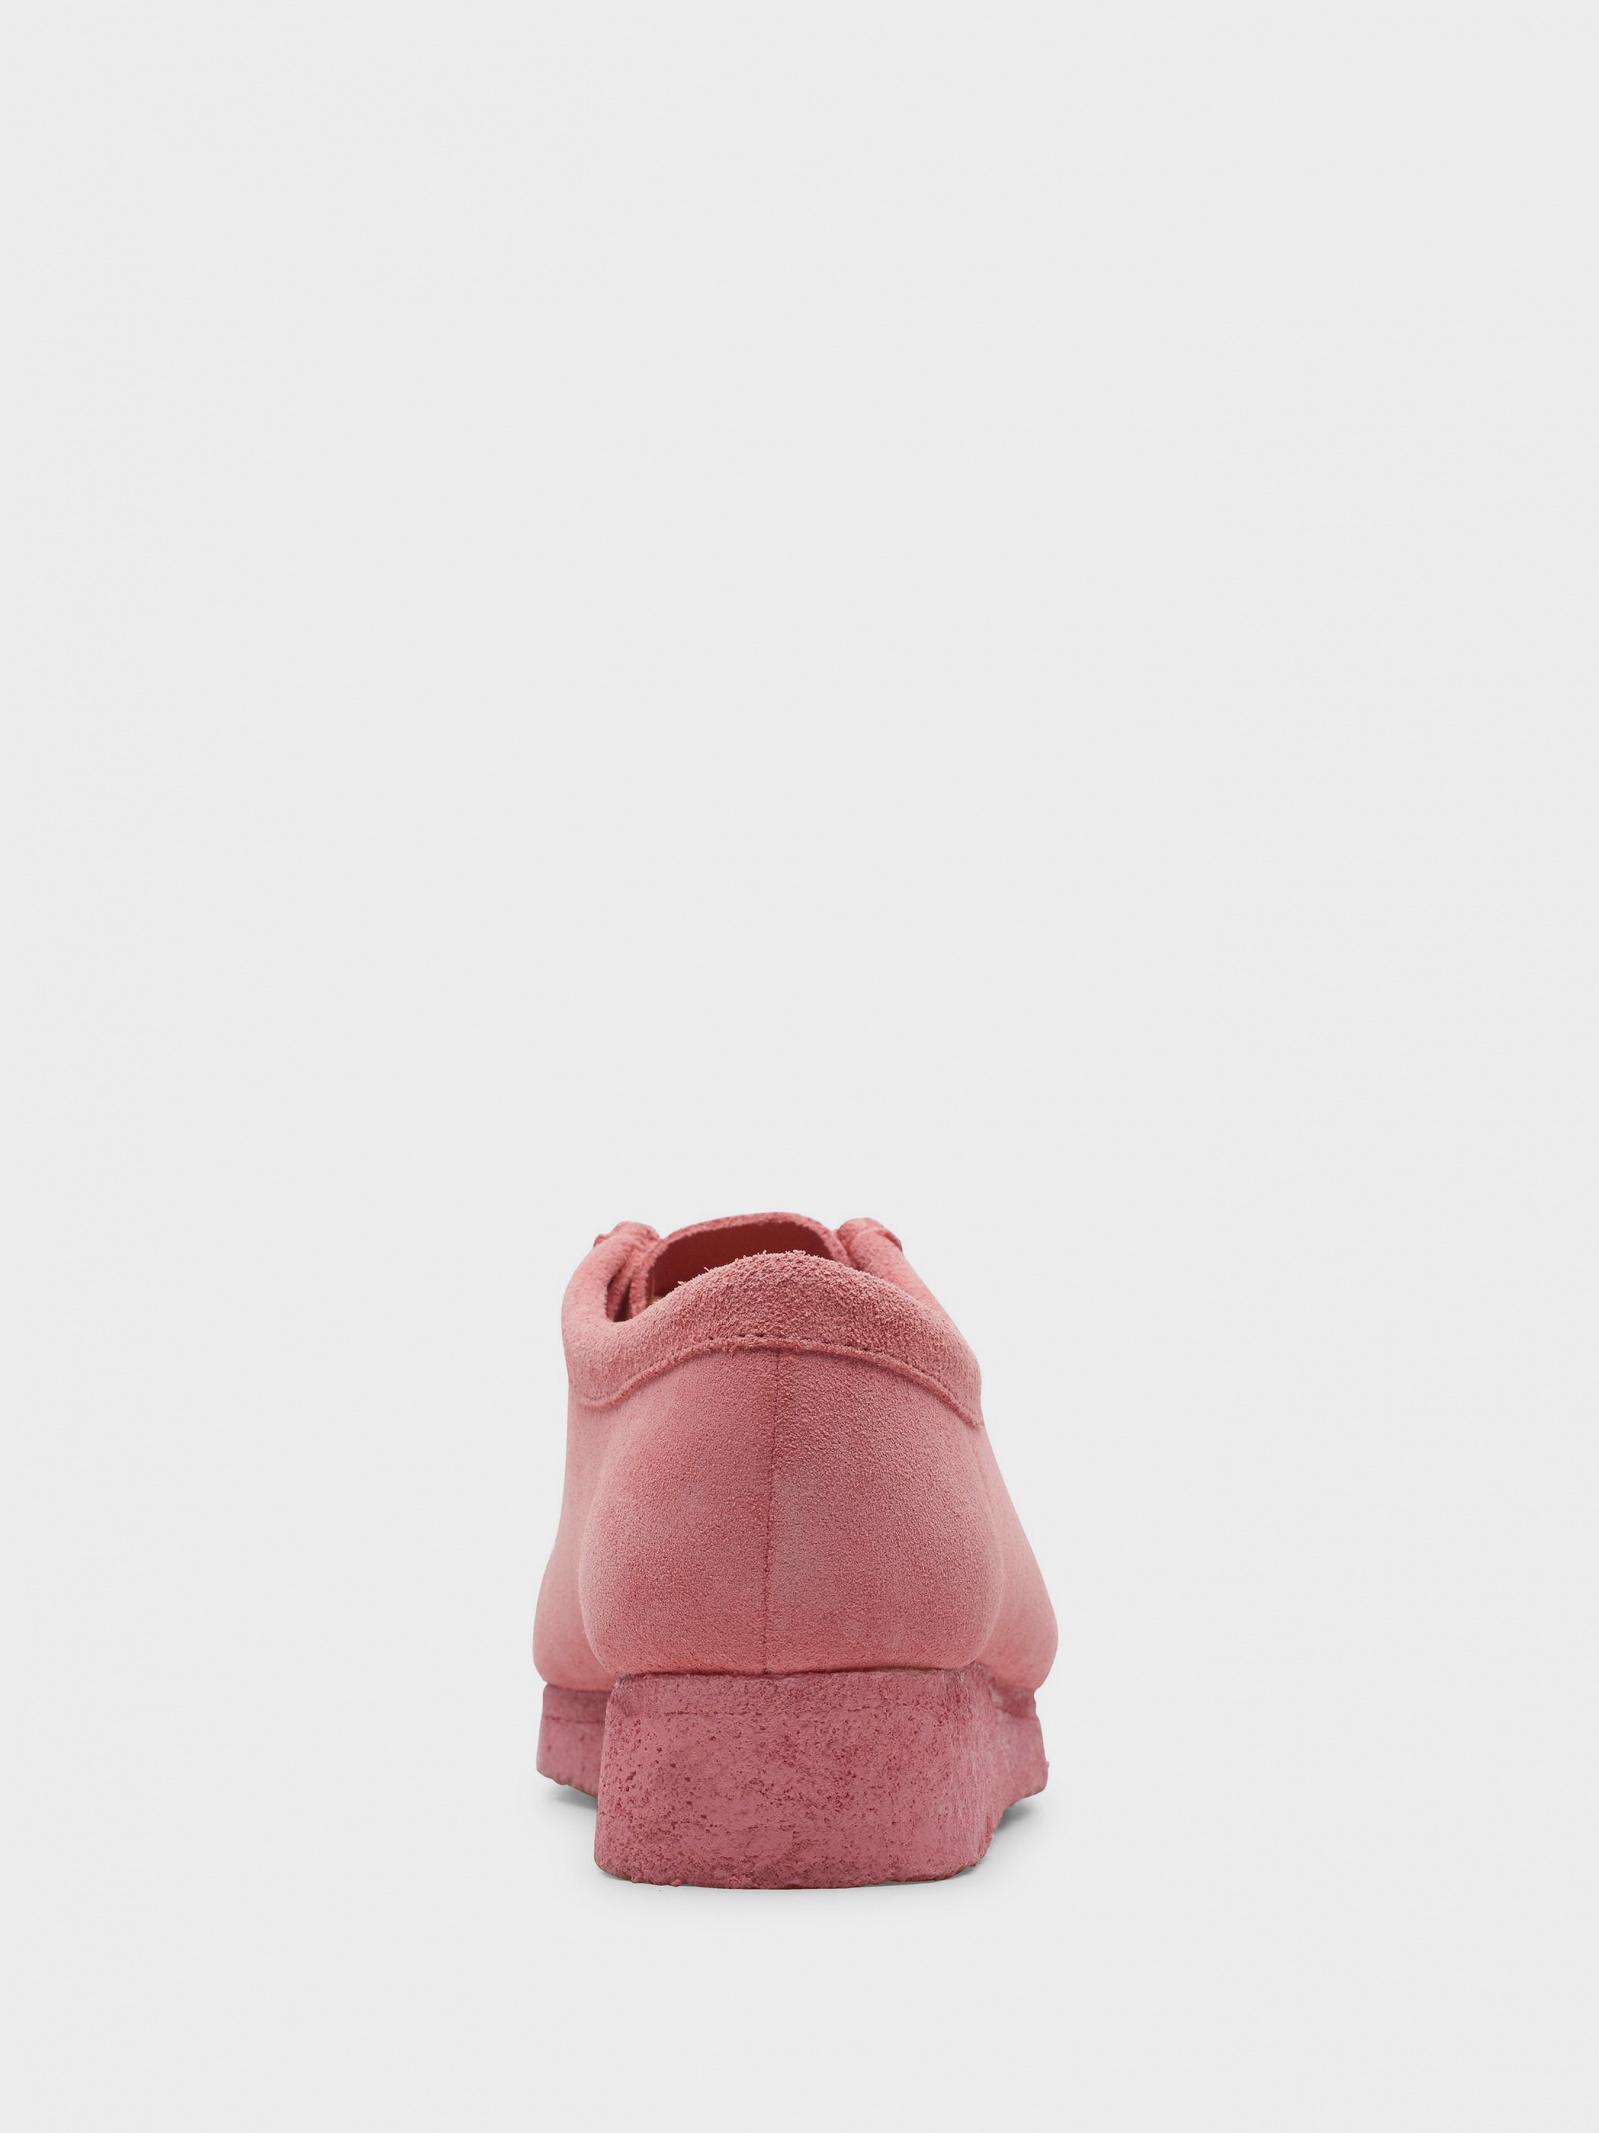 Напівчеревики  для жінок Clarks Wallabee. 26148416 ціна взуття, 2017